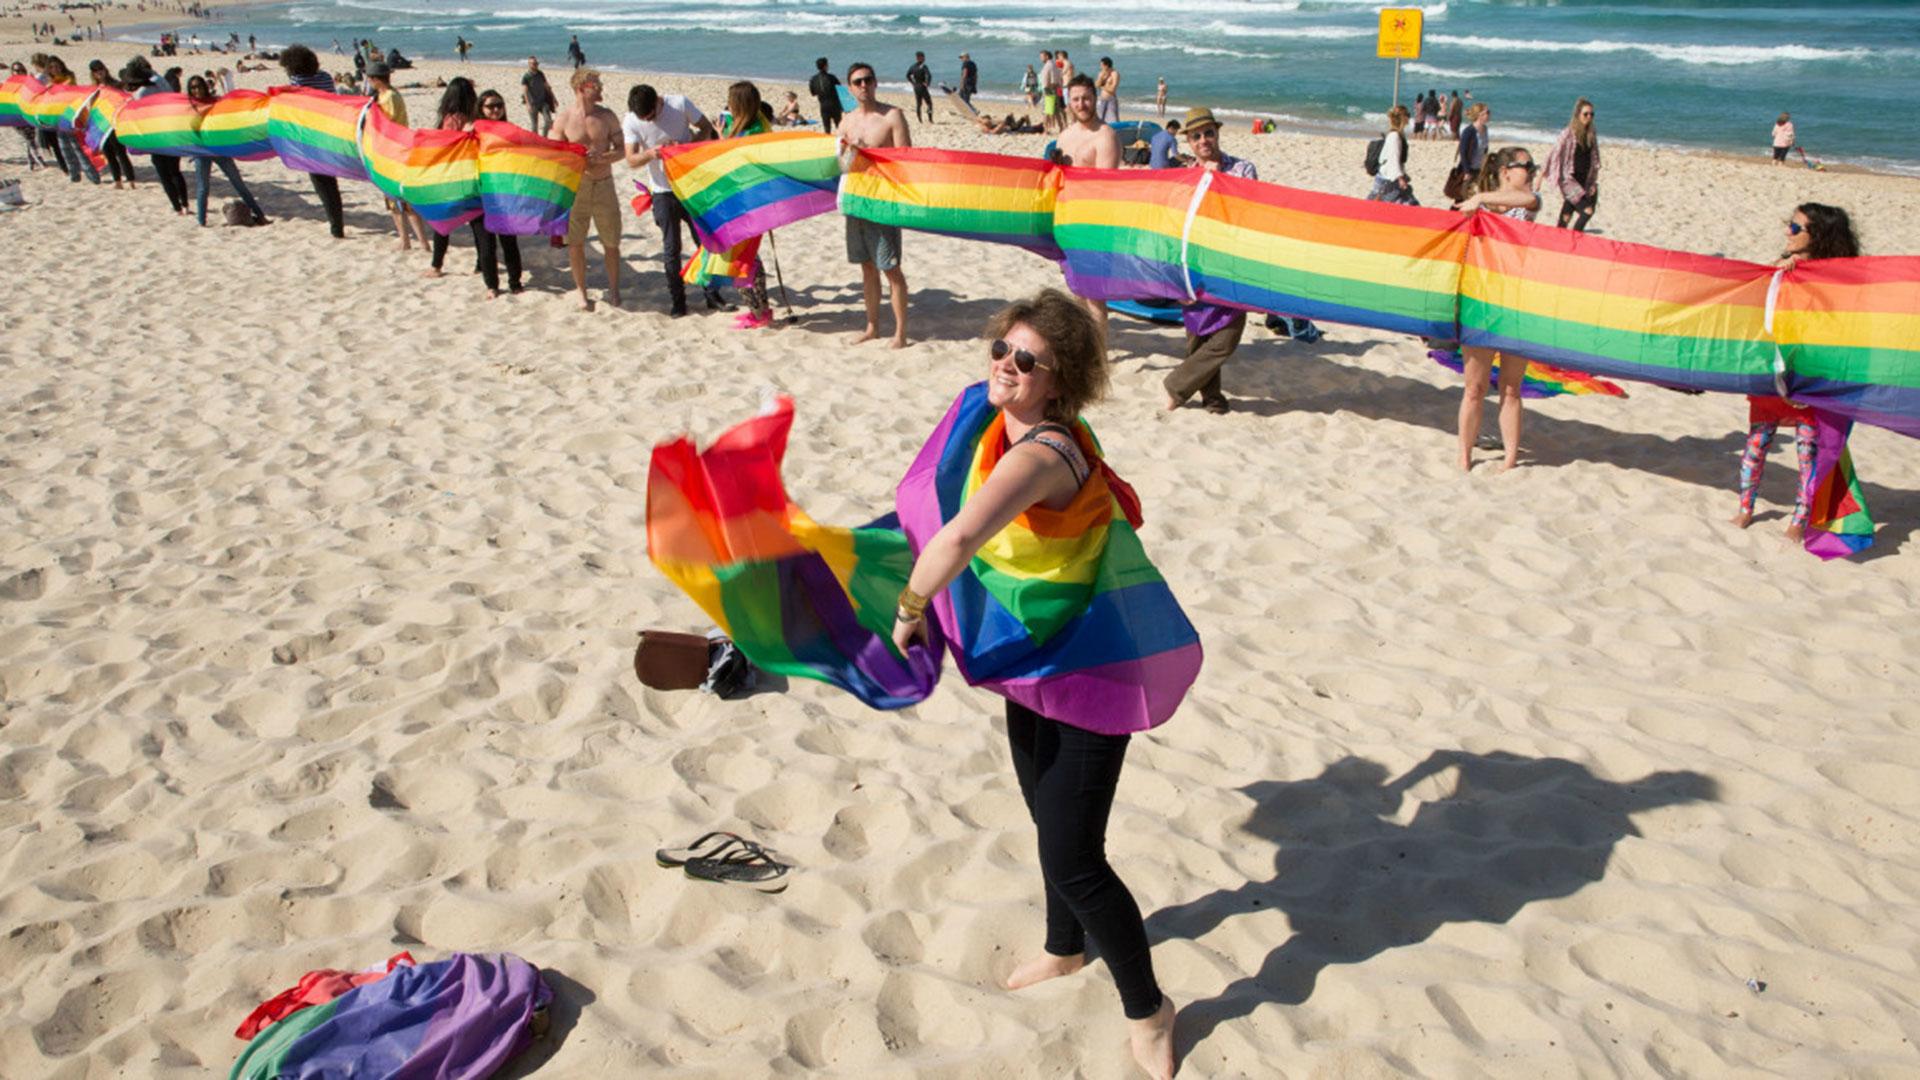 Bermudas dará marcha atrás en la ley de matrimonio gay